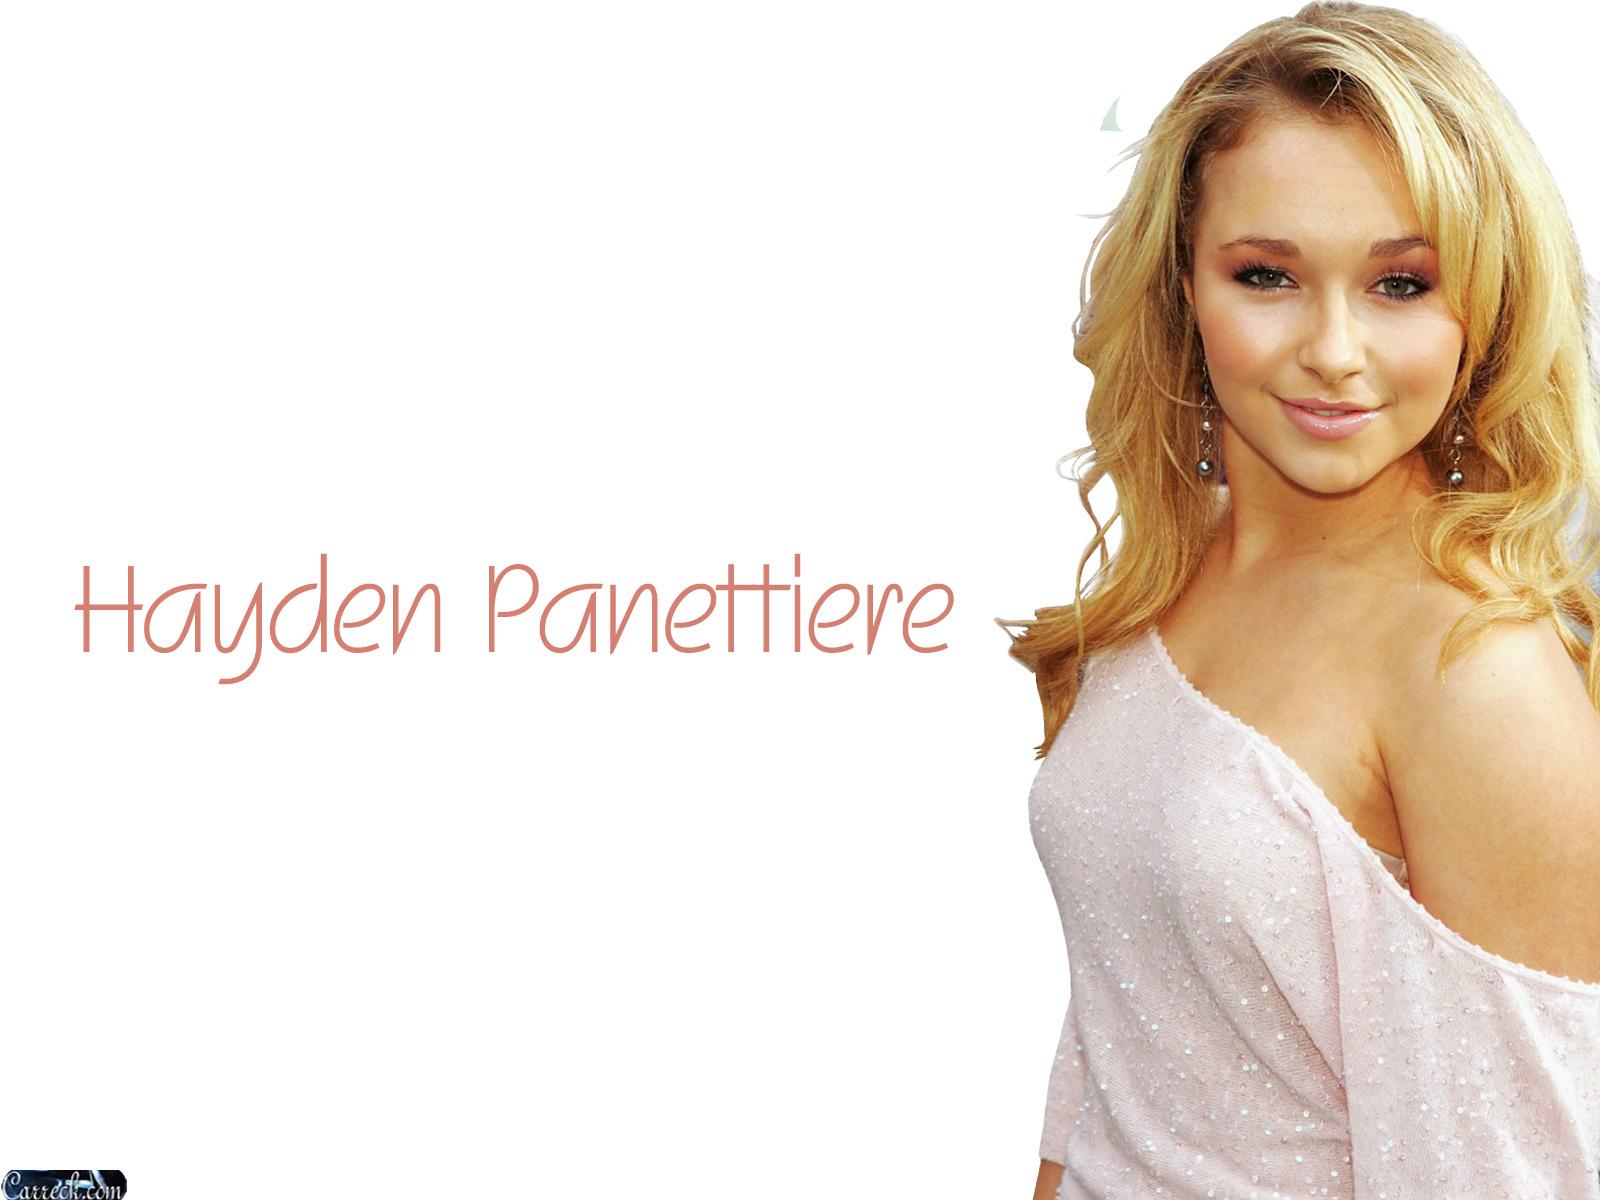 Hayden Panettiere   Hayden Panettiere Wallpaper 20918820 1600x1200